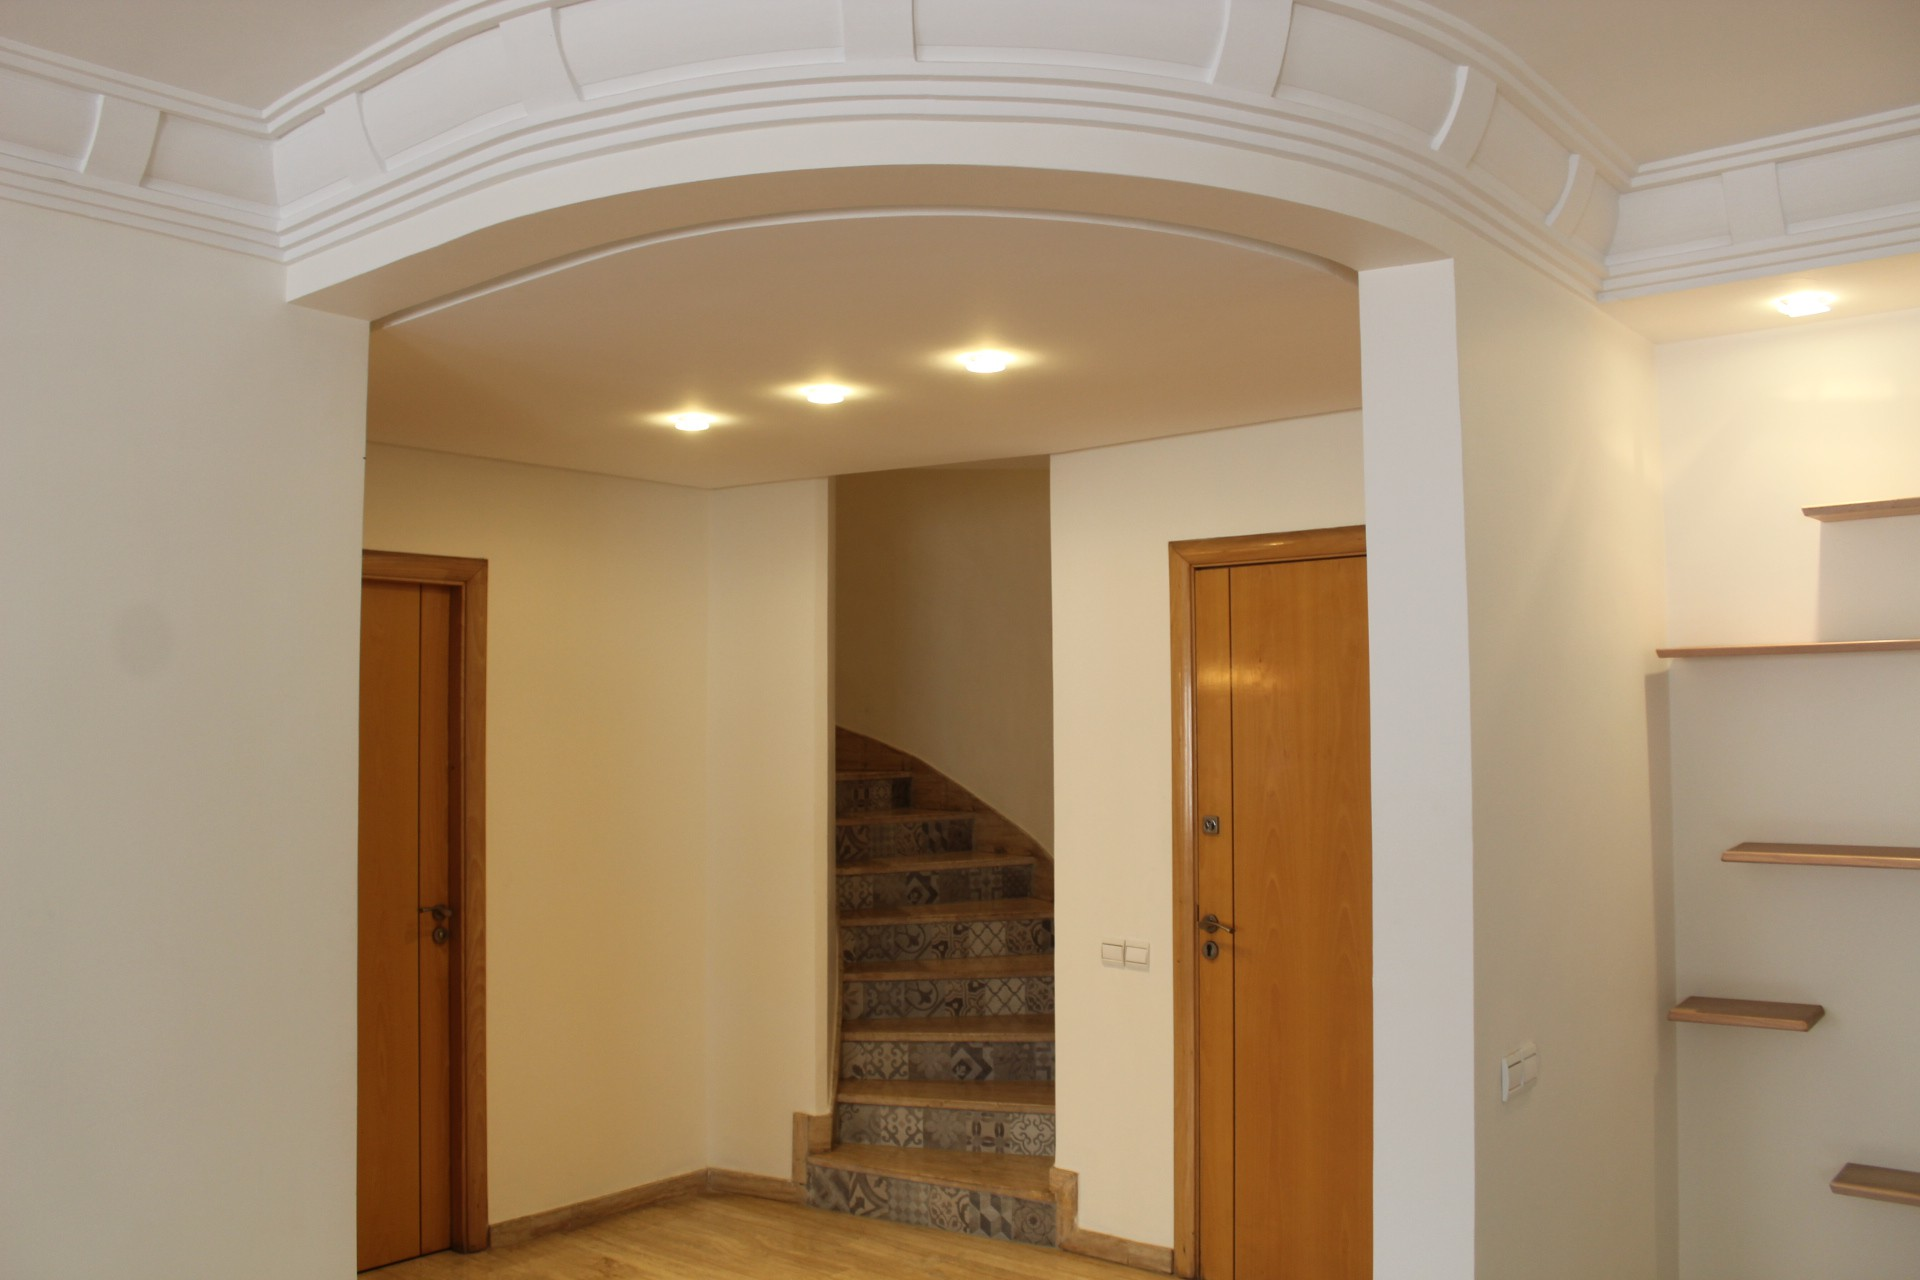 Maroc, Casablanca, Gautier, à acheter confortable appartement en duplex (très bien ensoleillé).